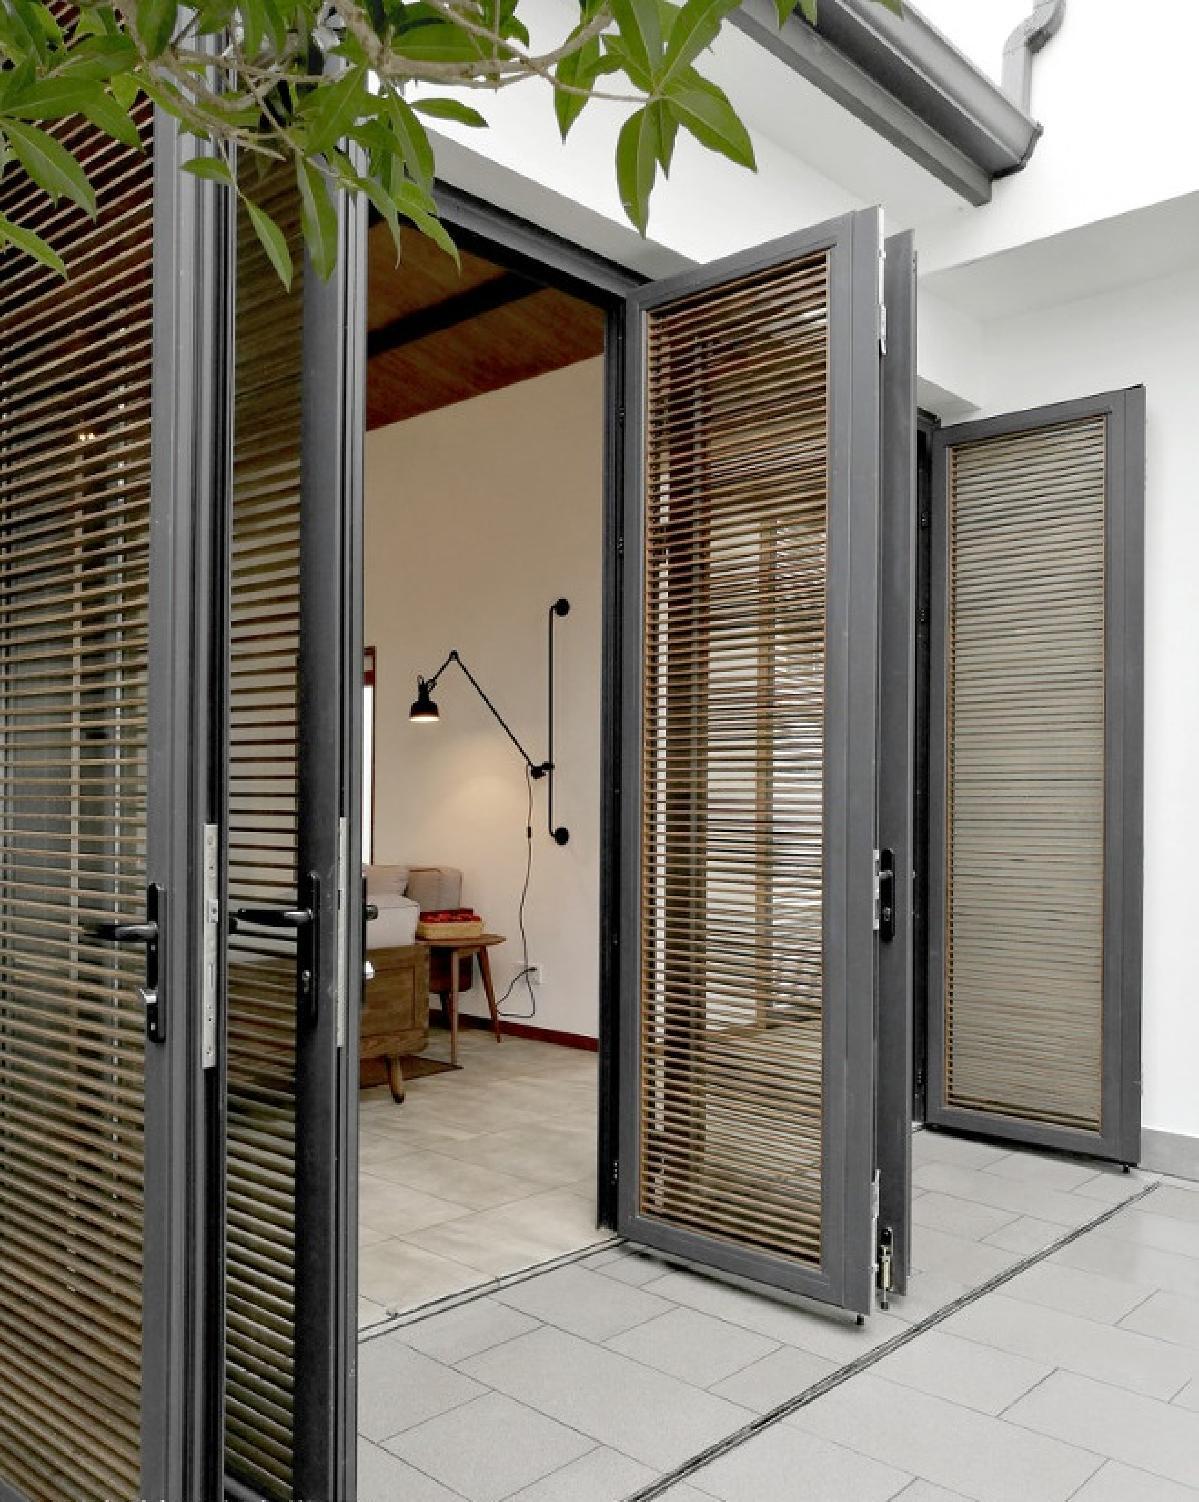 2个庭院各有1个玻璃天井,自动玻璃天窗开启后又可满足室内外空气自然图片